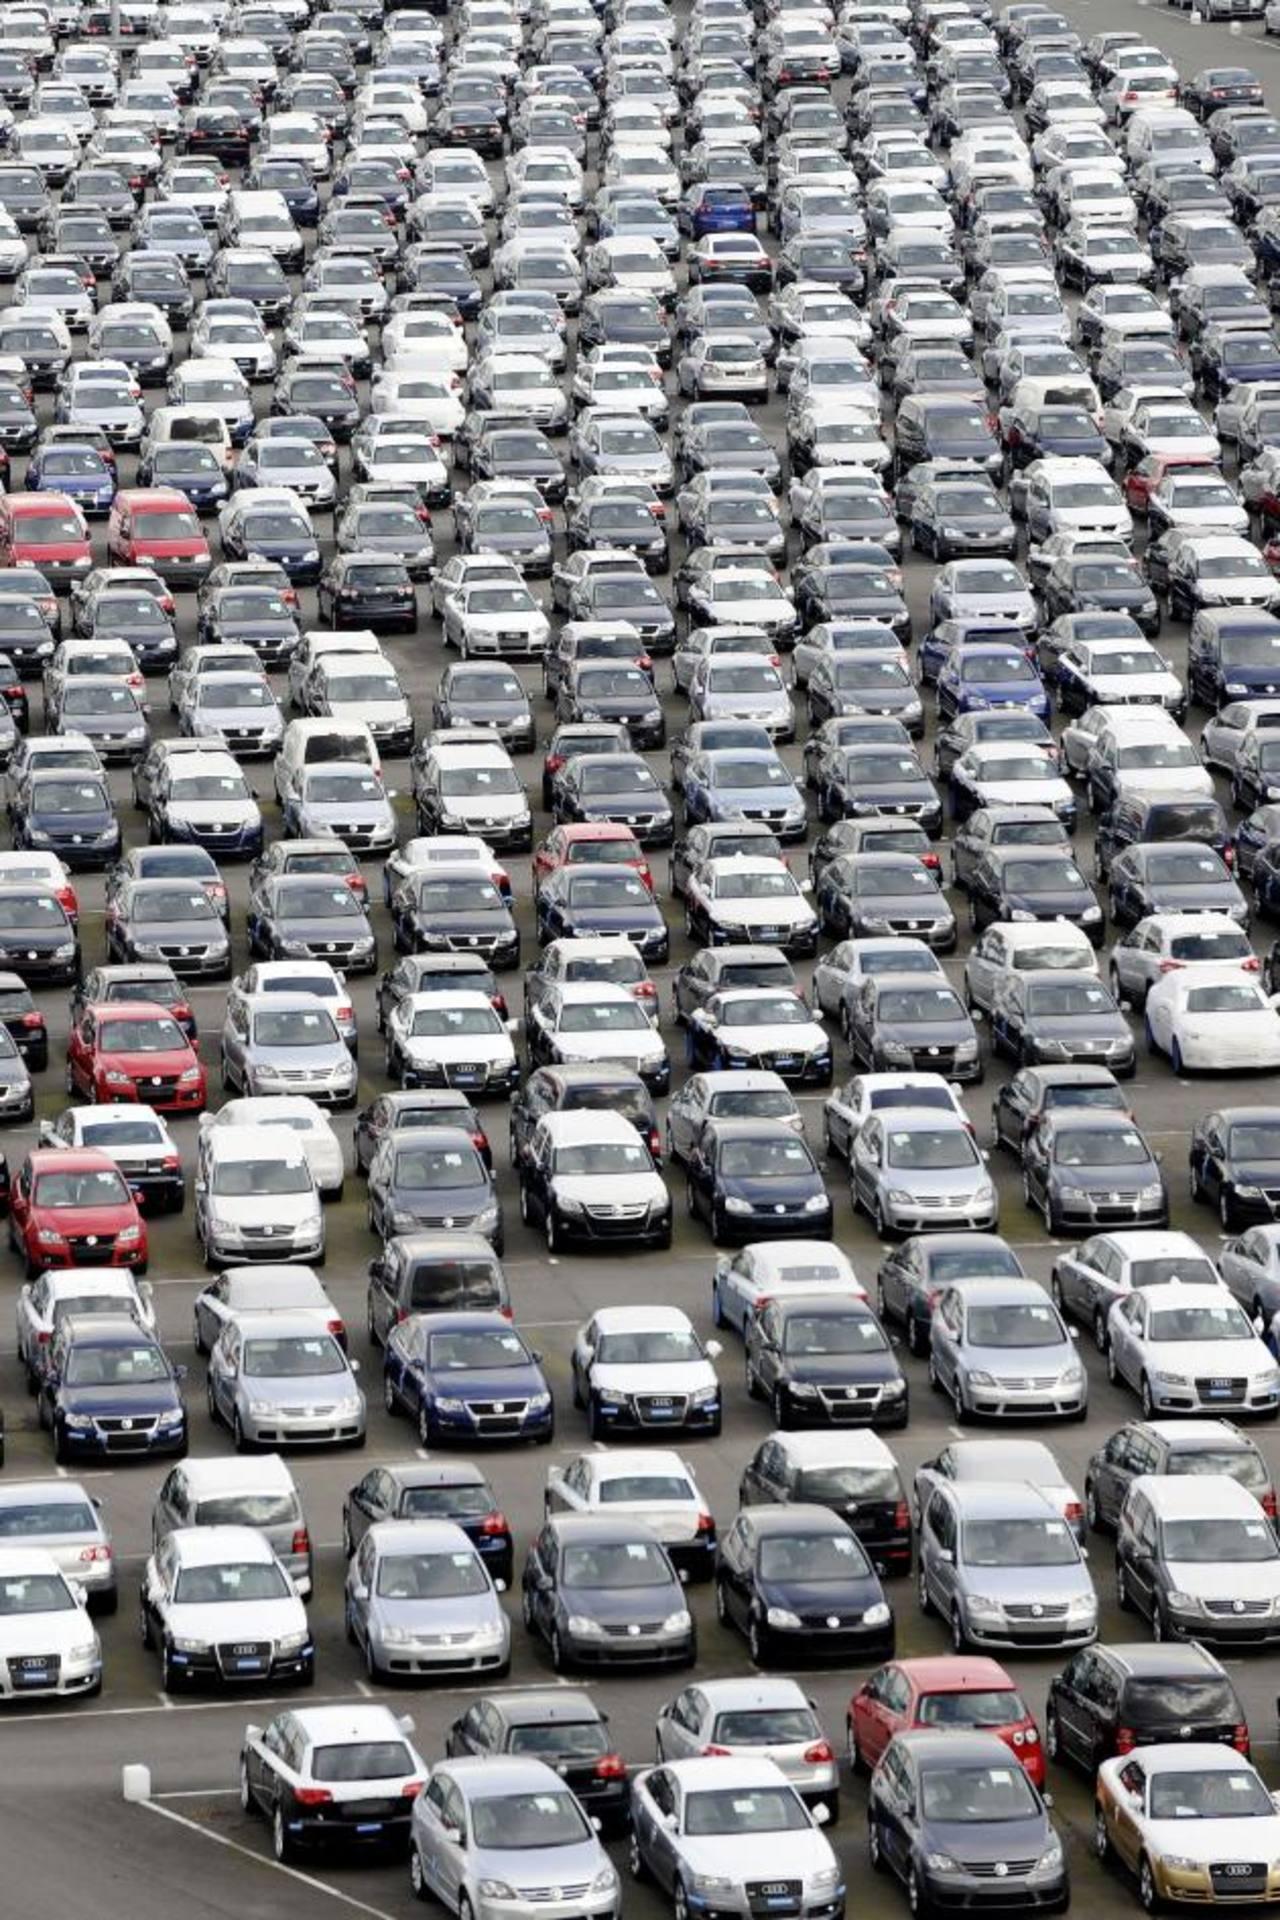 La venta de autos podría ser lenta este año en Alemania, que tenderá a la recesión. Foto edh